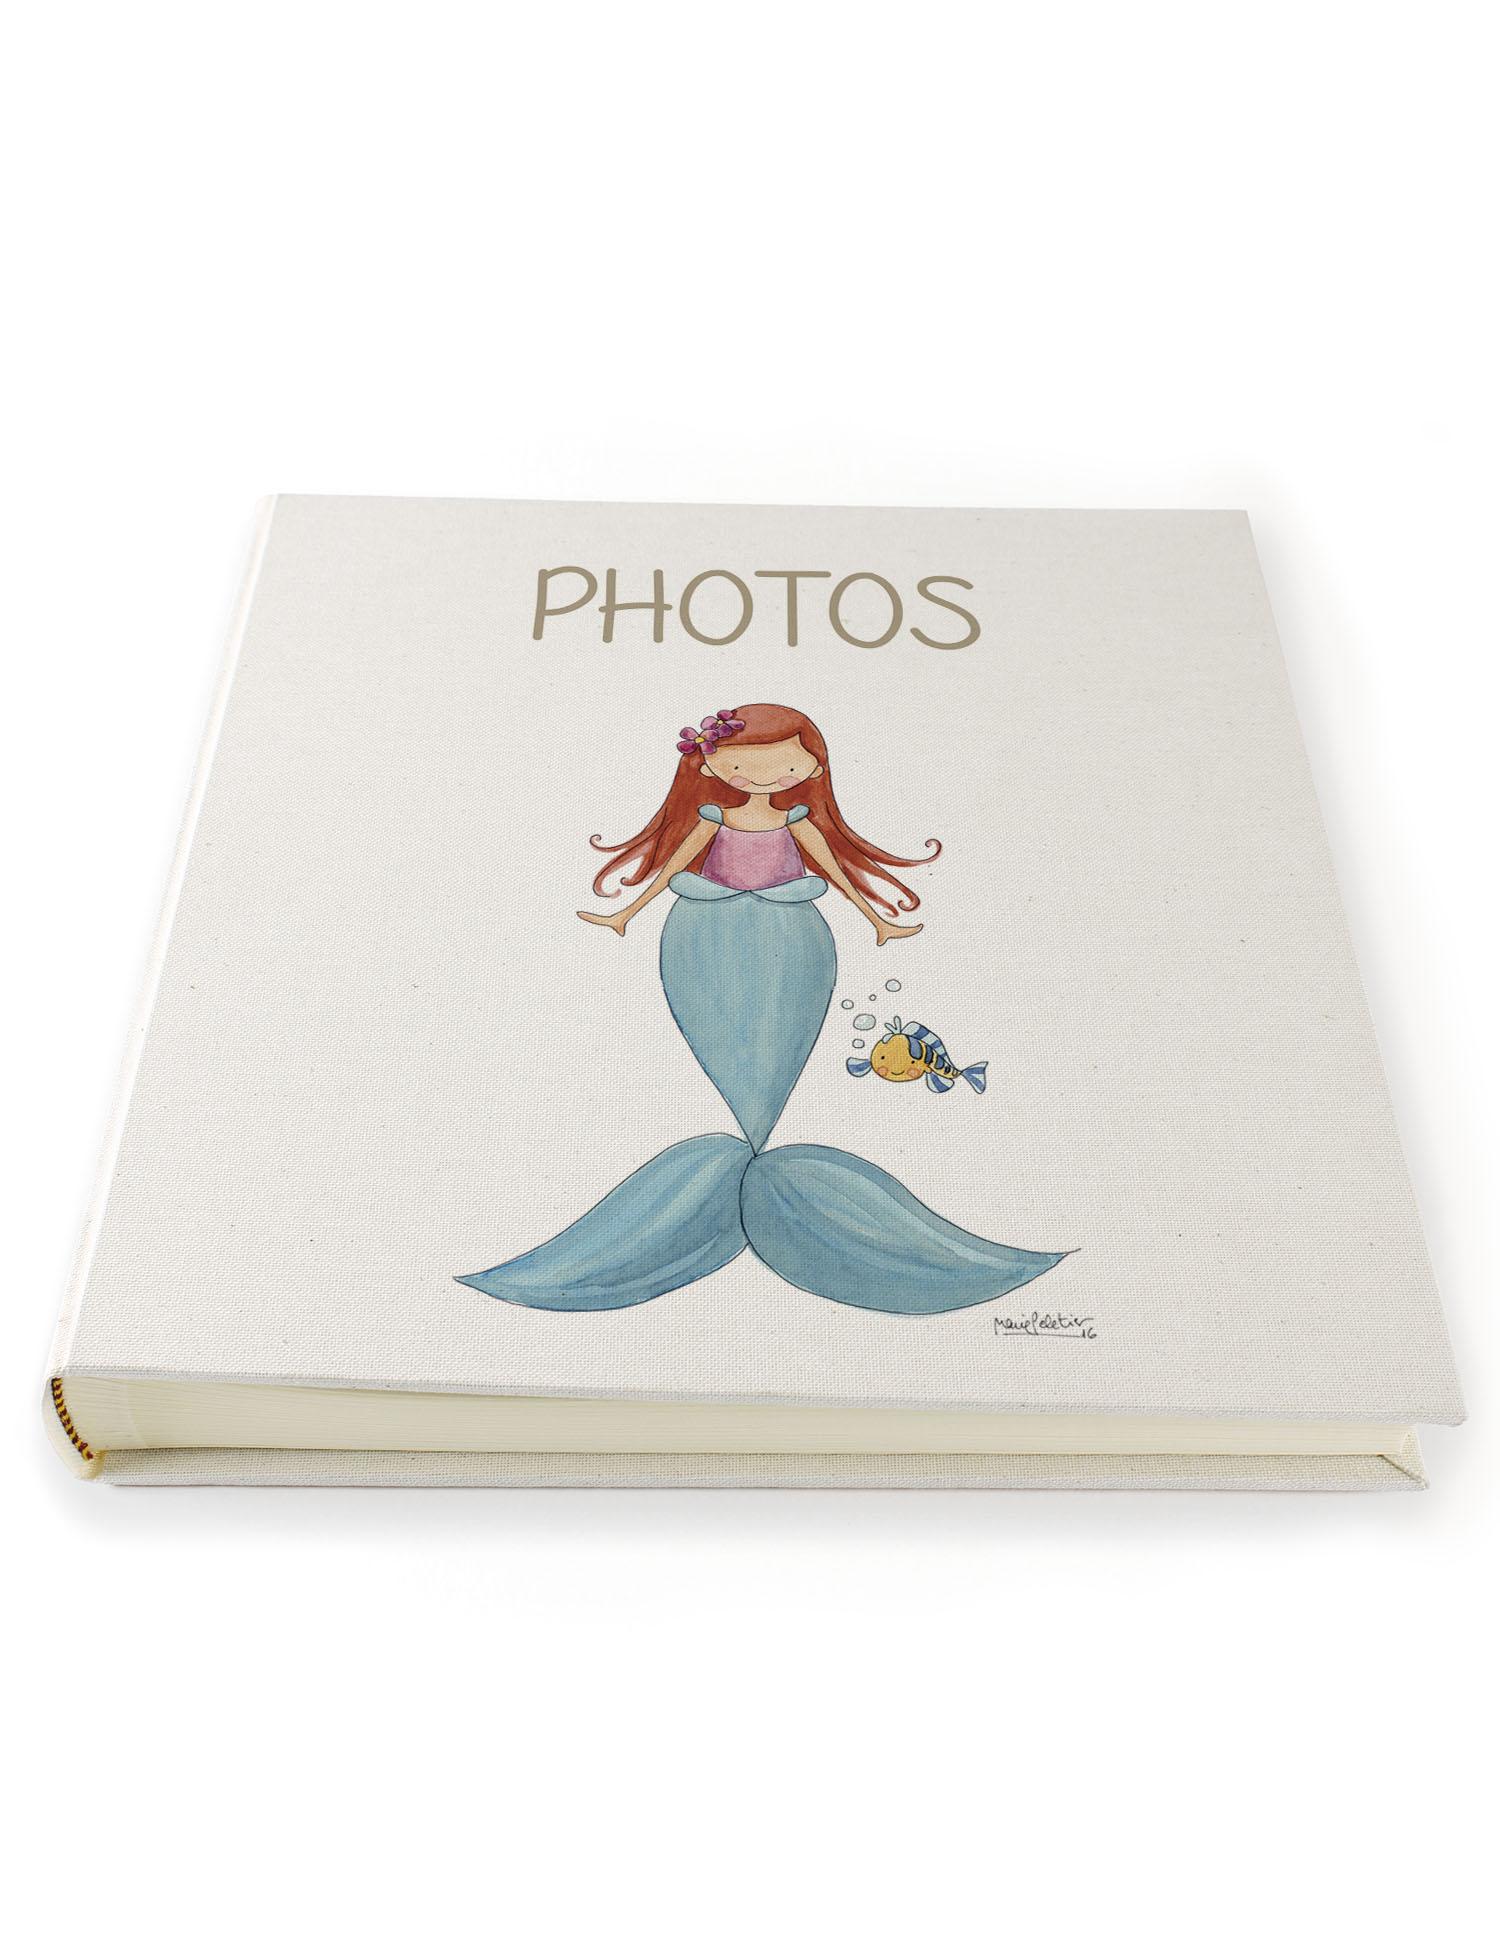 ALBUM SIRENITA min - Album Princesas Sirenita